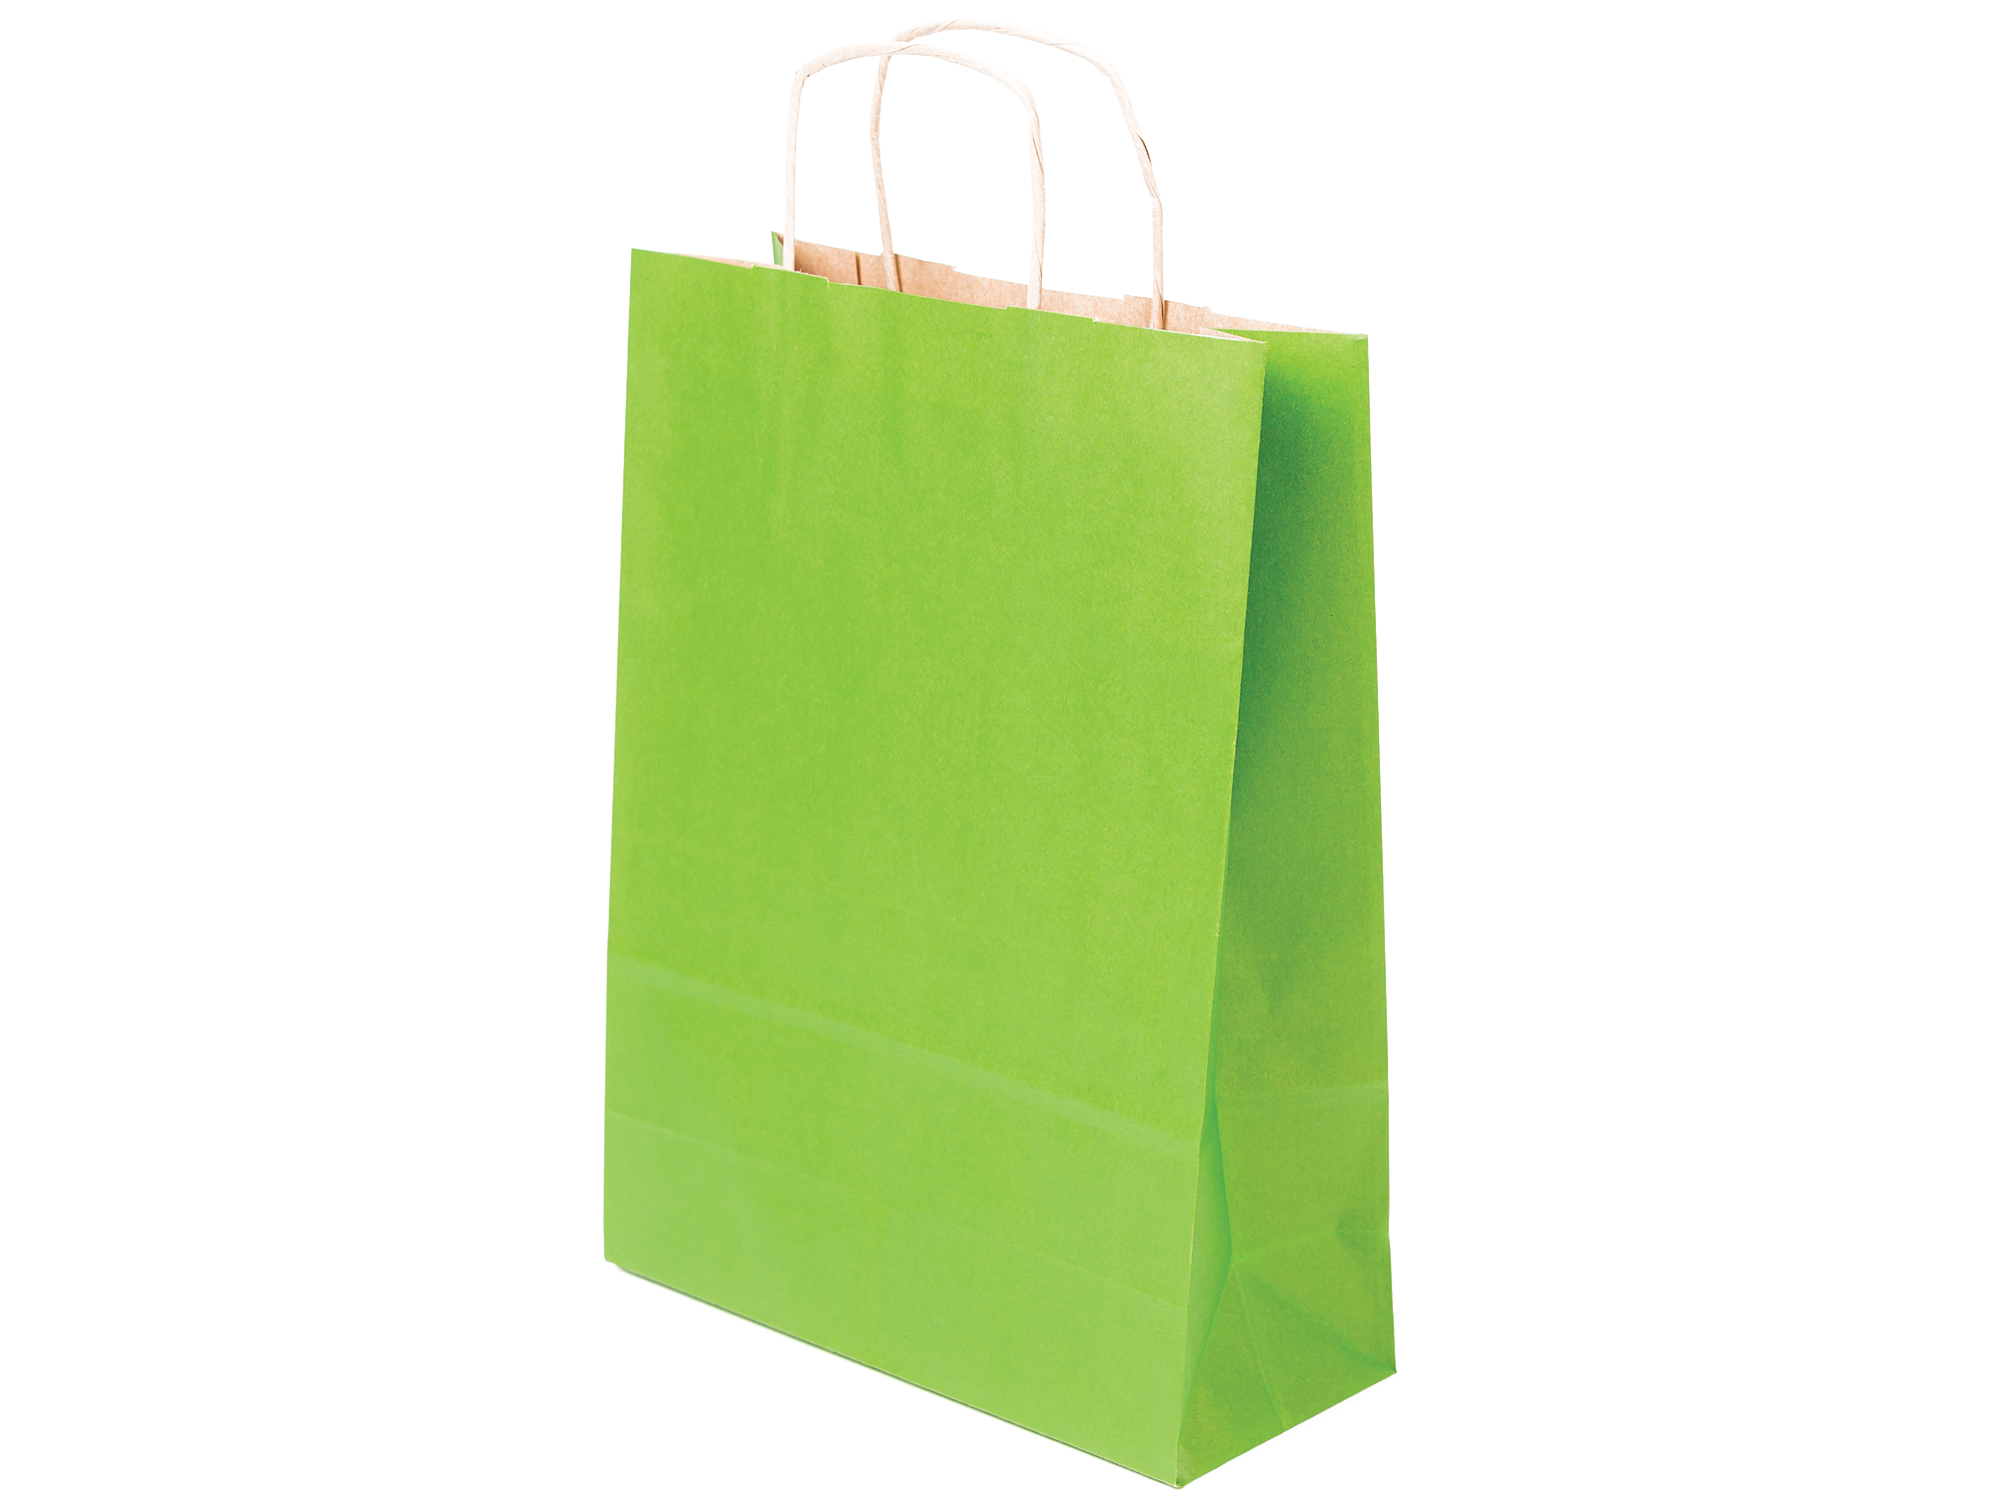 723272f94b1cc Torby papierowe 24x10x32cm jasno zielone a4 50szt 7684143030 - Allegro.pl